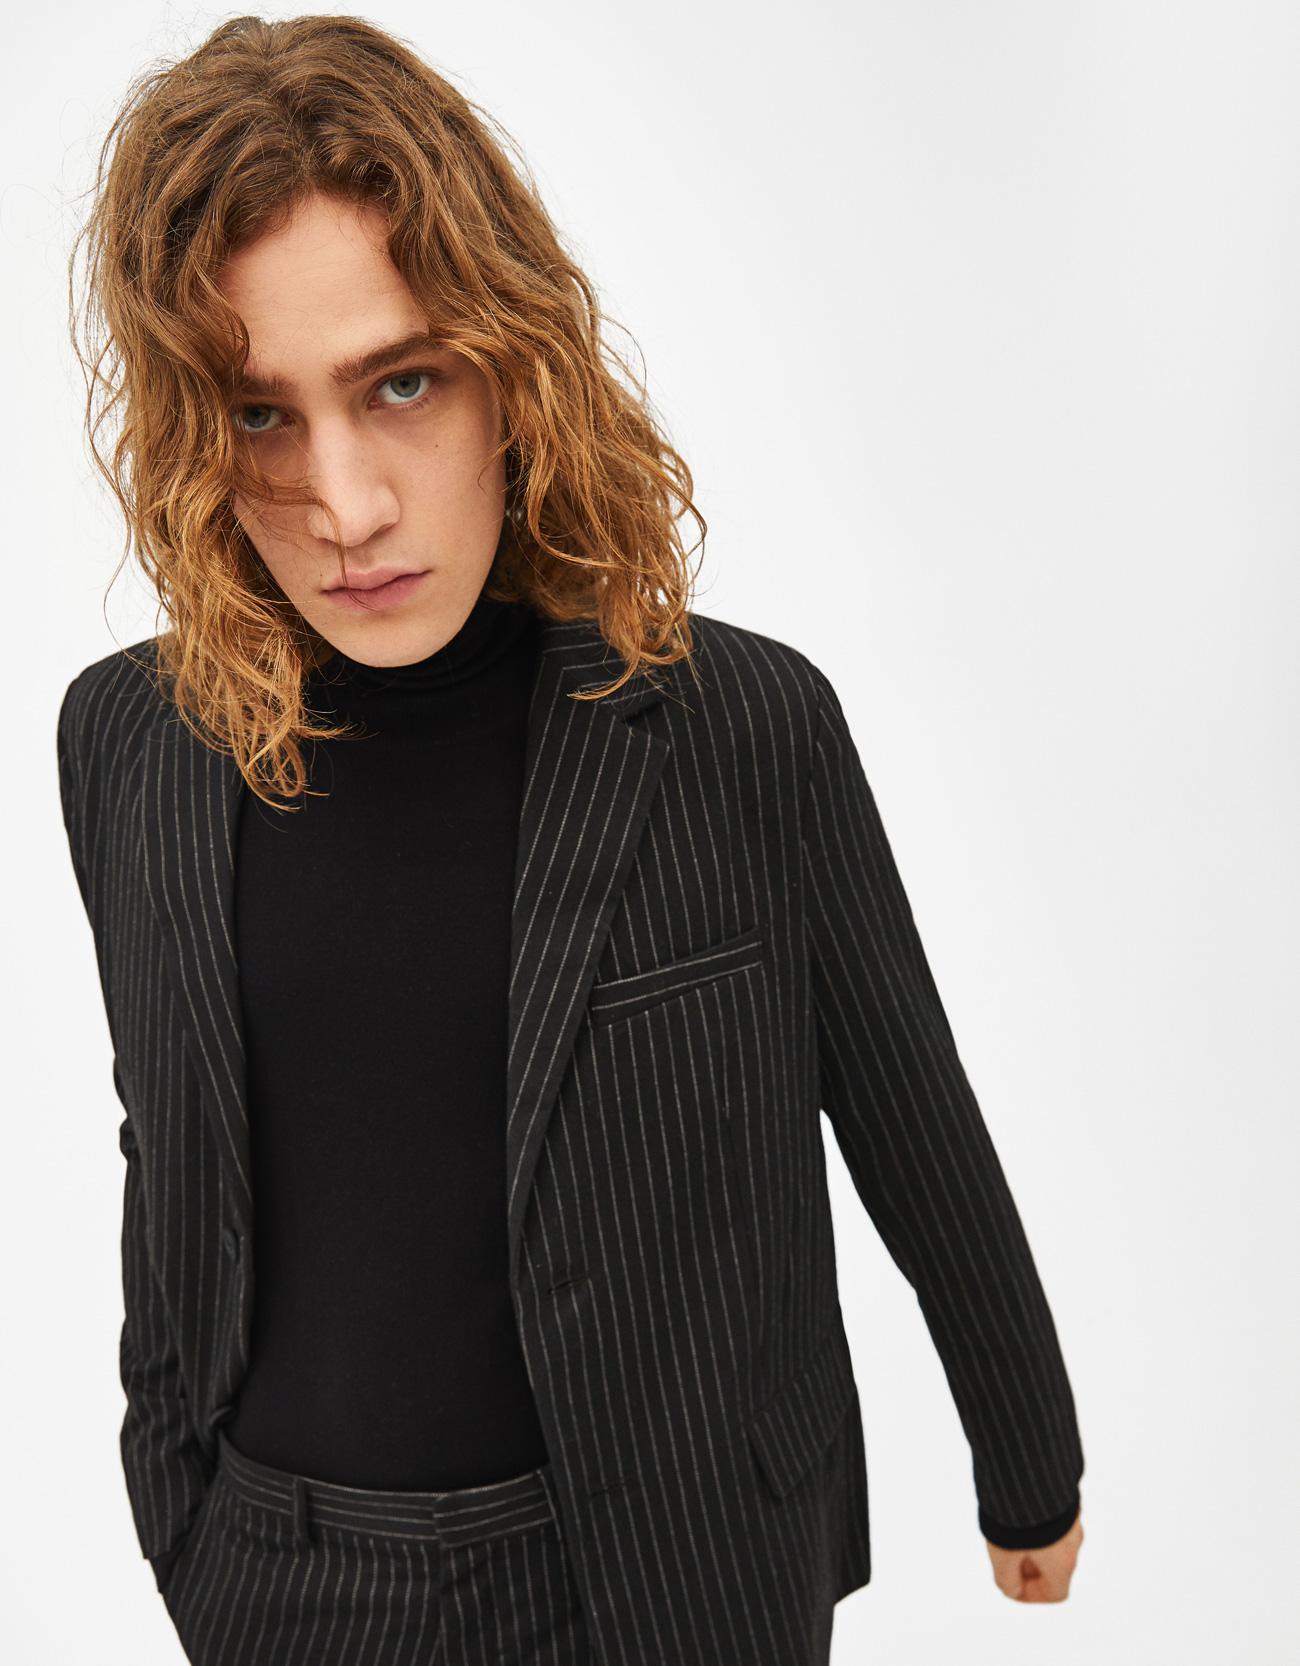 d3a1090f375060 Blazer with pinstripe print - Jackets - Bershka United Arab Emirates